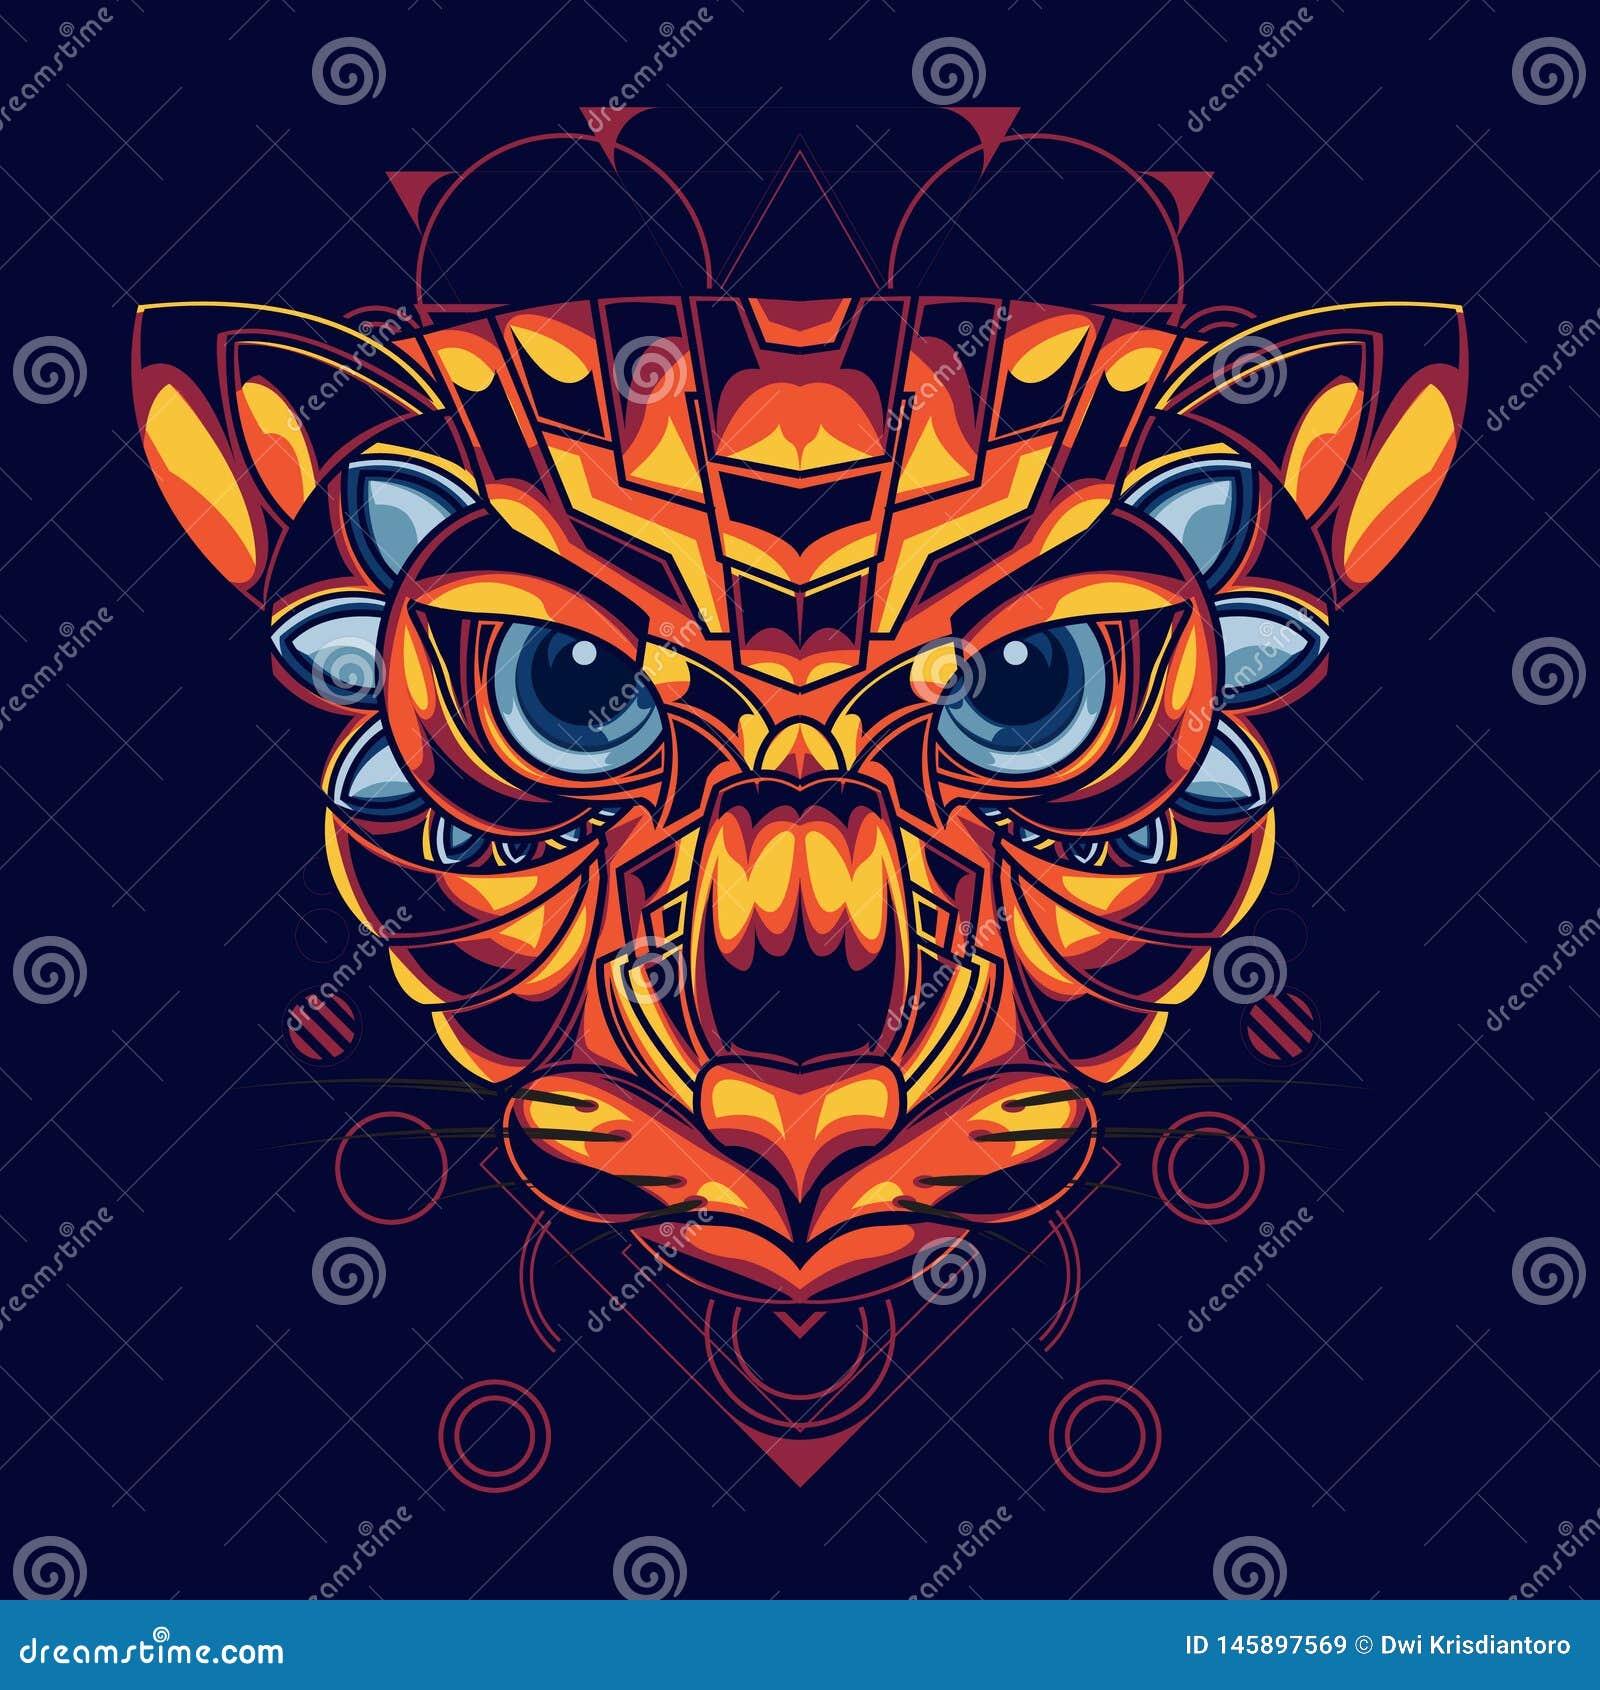 Ilustração de uma cabeça do gato com combinação do ouro e de cor vermelha e um estilo decorativo atrativo e original